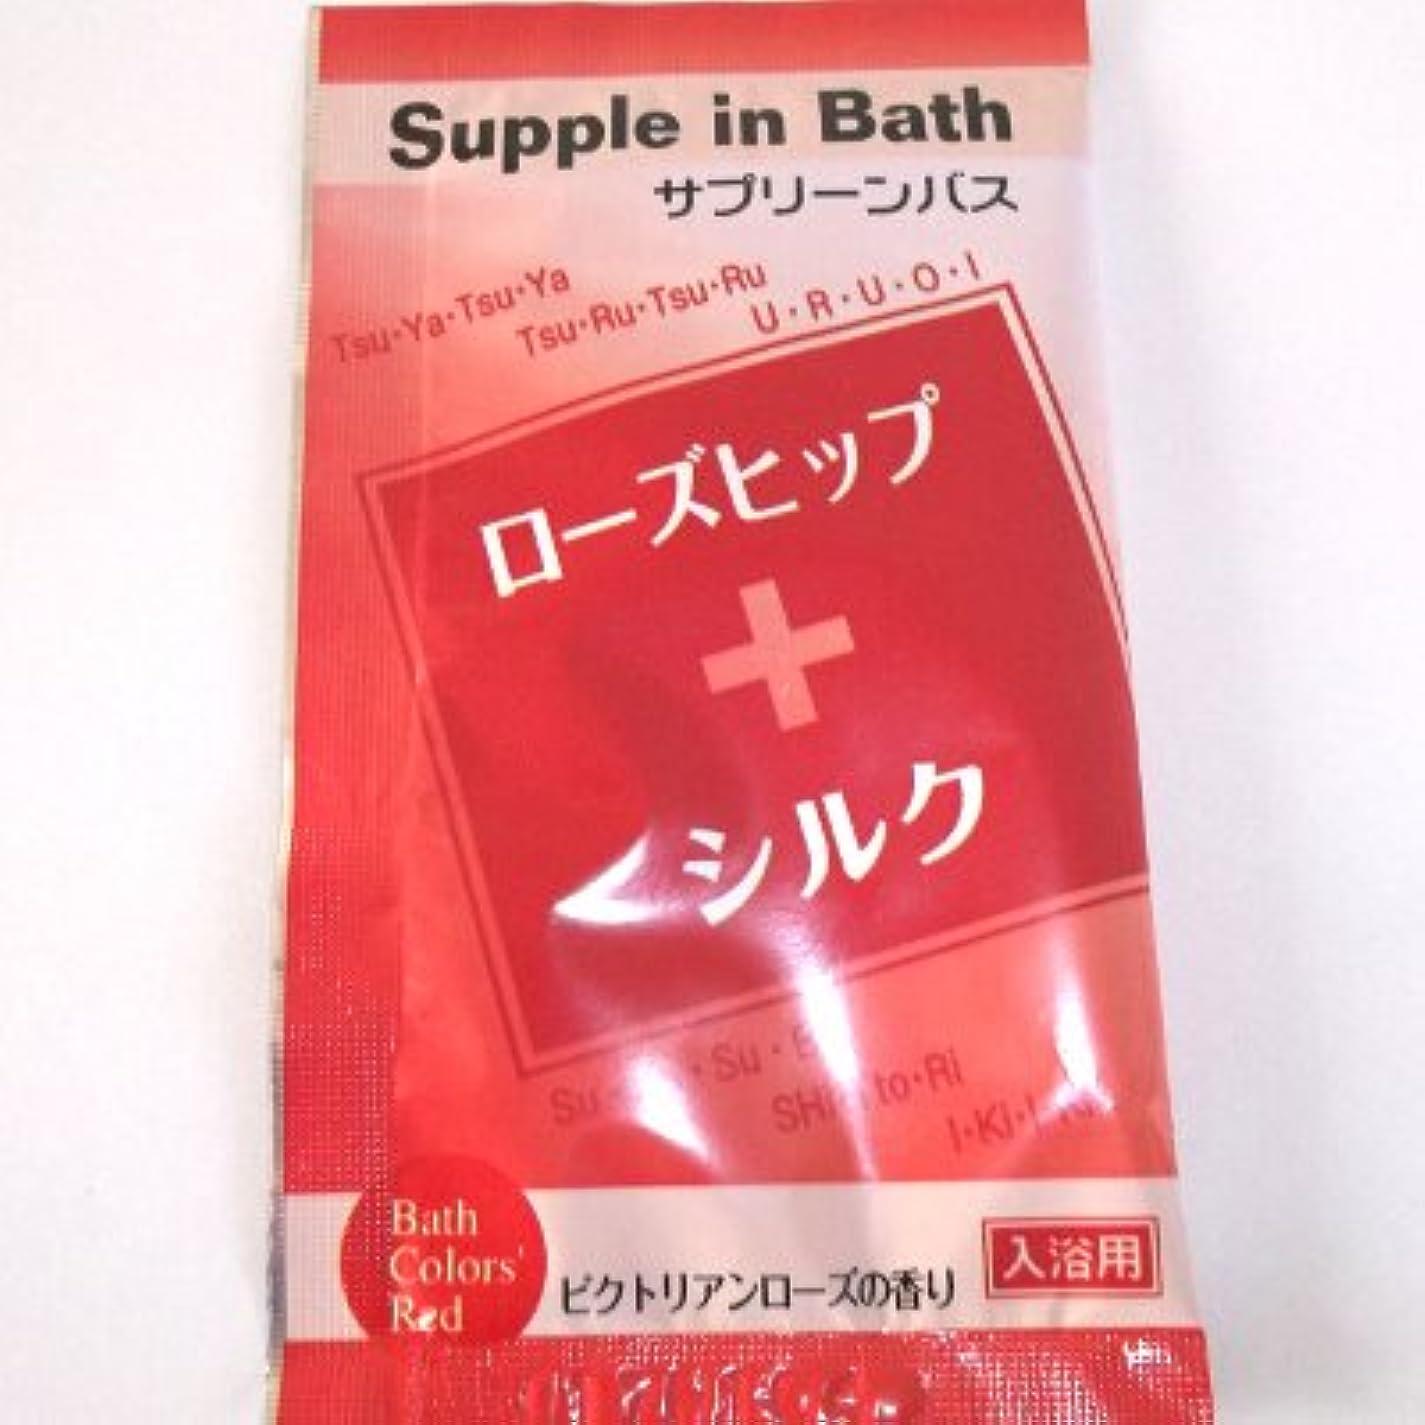 香り幾分磁気サプリーンバス ローズヒップ+シルク